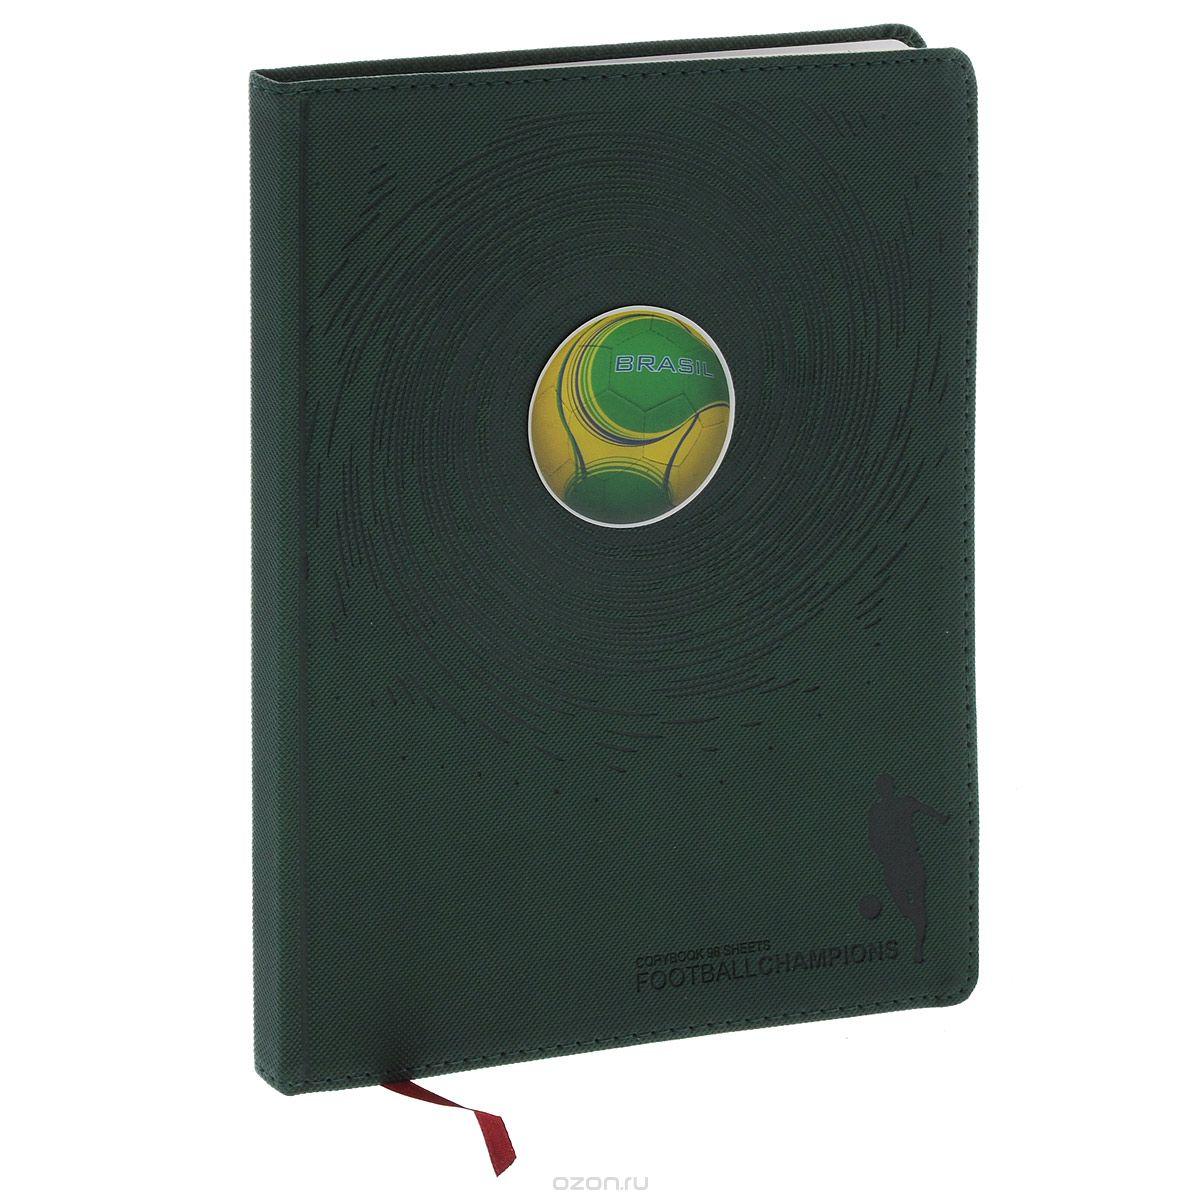 Тетрадь общая Футбольные мячи, цвет: зеленый, 96 листов. 7-96-87772523WDТетрадь в клетку Альт Футбольные мячи подойдет как студенту, так и школьнику. Гибкая, высокопрочная интегральная обложка с закругленными углами выполнена из итальянского переплетного материала и прошита по периметру. Цветная полимерная наклейка на обложке в виде футбольного мяча - оригинальная деталь оформления. Внутренний блок состоит из 192 страницдля записей с тонированной бежевой бумагой, дополнена полями для удобства размещения заметок. Тетрадь имеет ляссе и блок для заполнения личных данных.